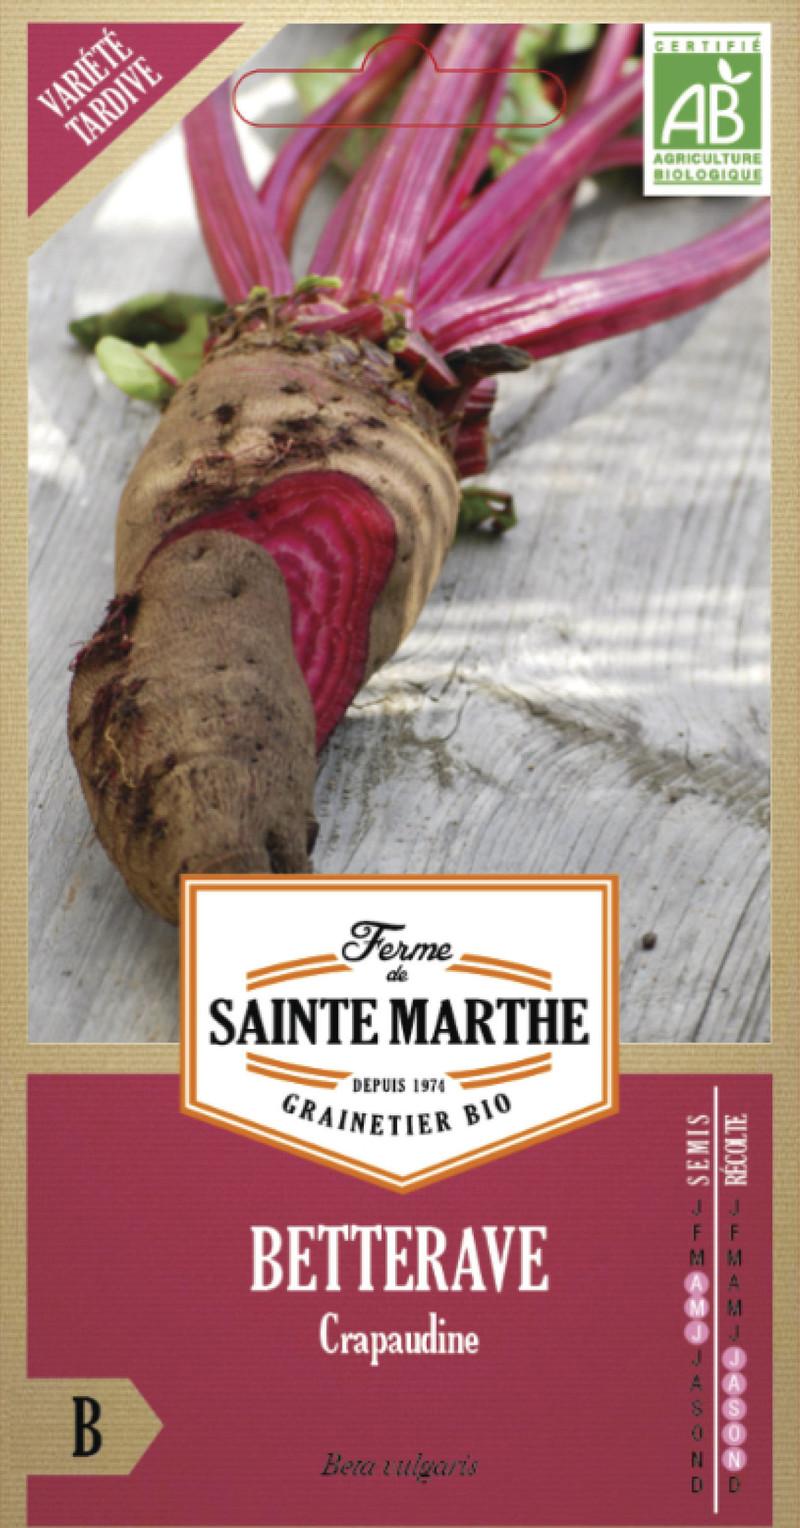 betterave crapaudine bio ferme de sainte marthe graine semence potager sachet semis - Voir en grand